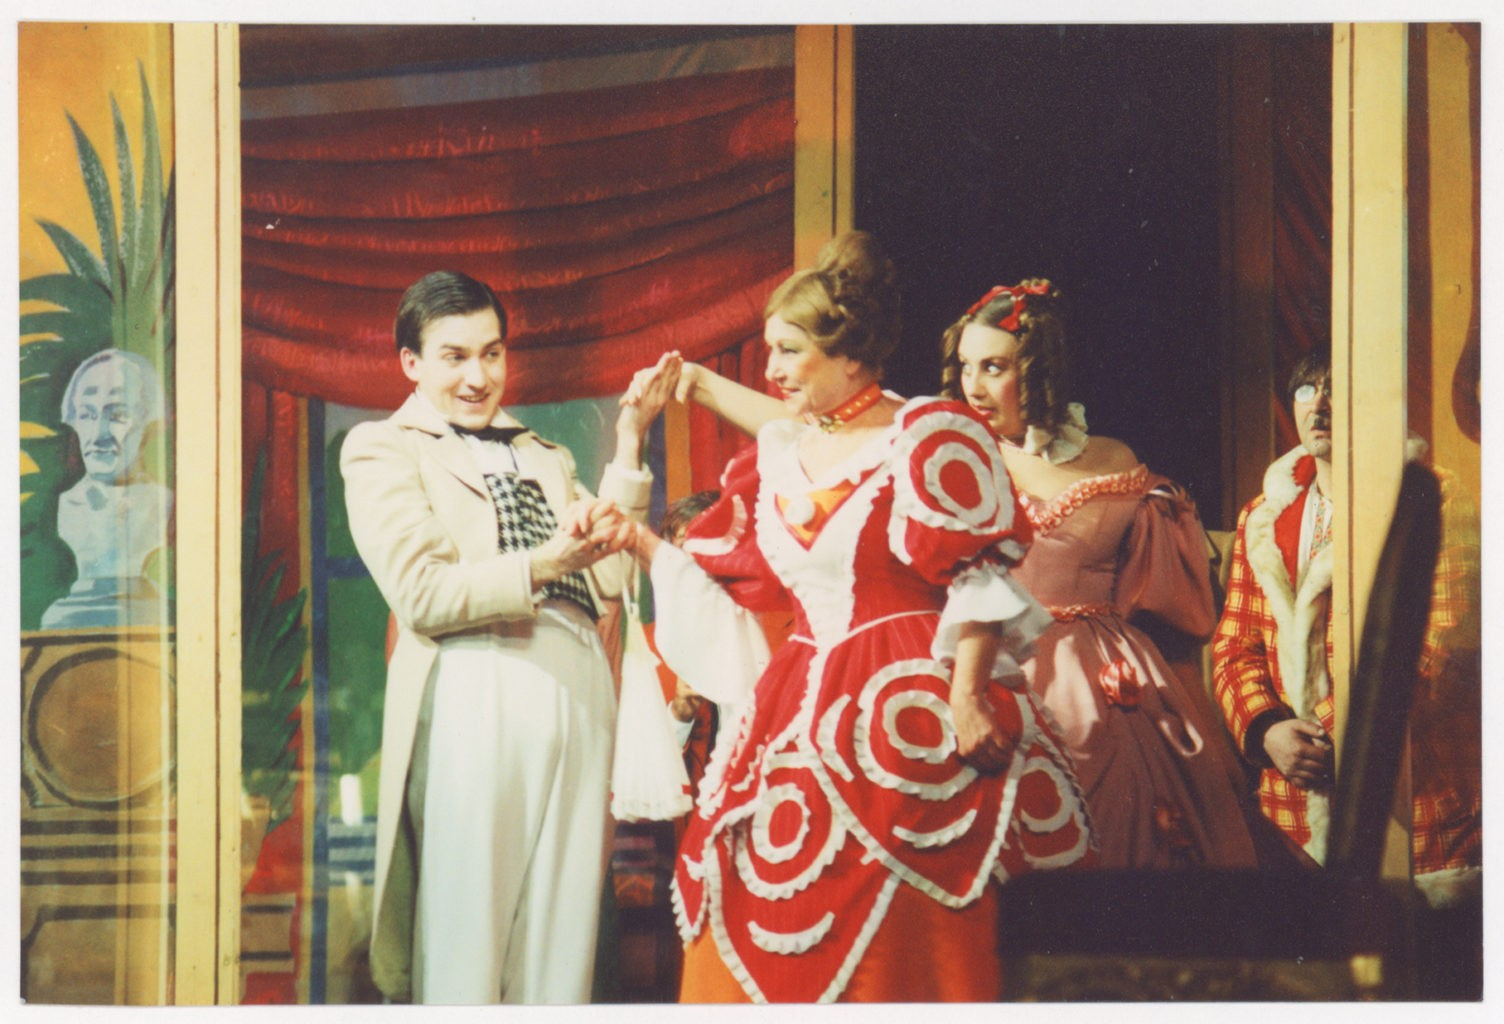 Е. Любицкий, Г. Долинина, И. Литвиненко (спектакль «Ревизор», сезон 2005-2006 гг.): фотография